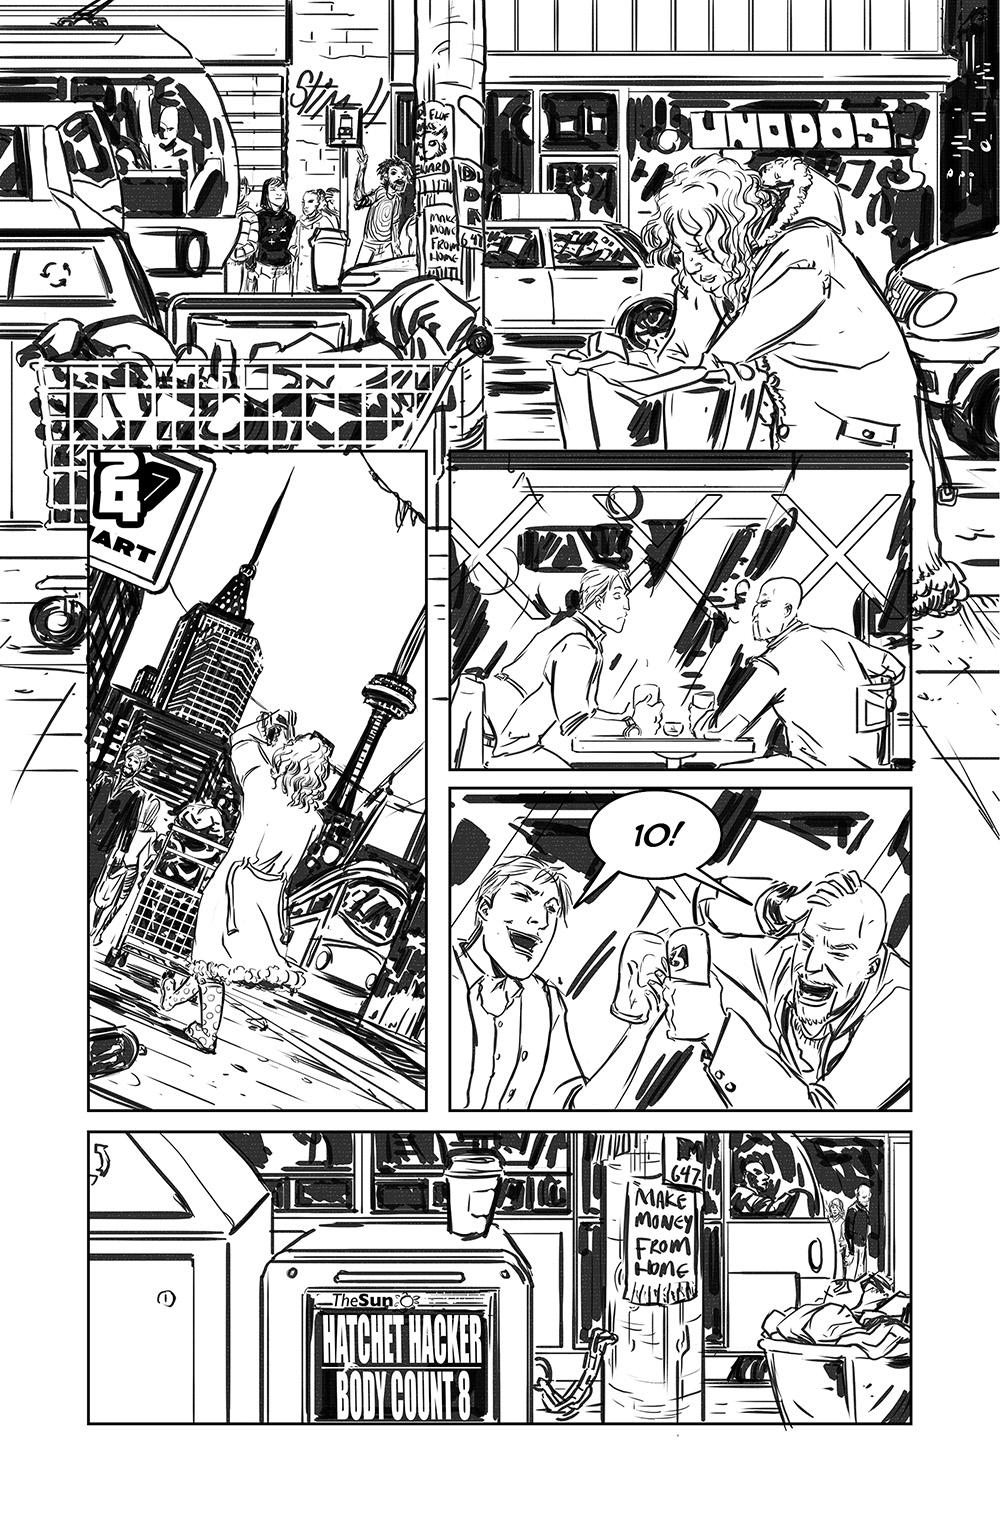 Quants, page 8